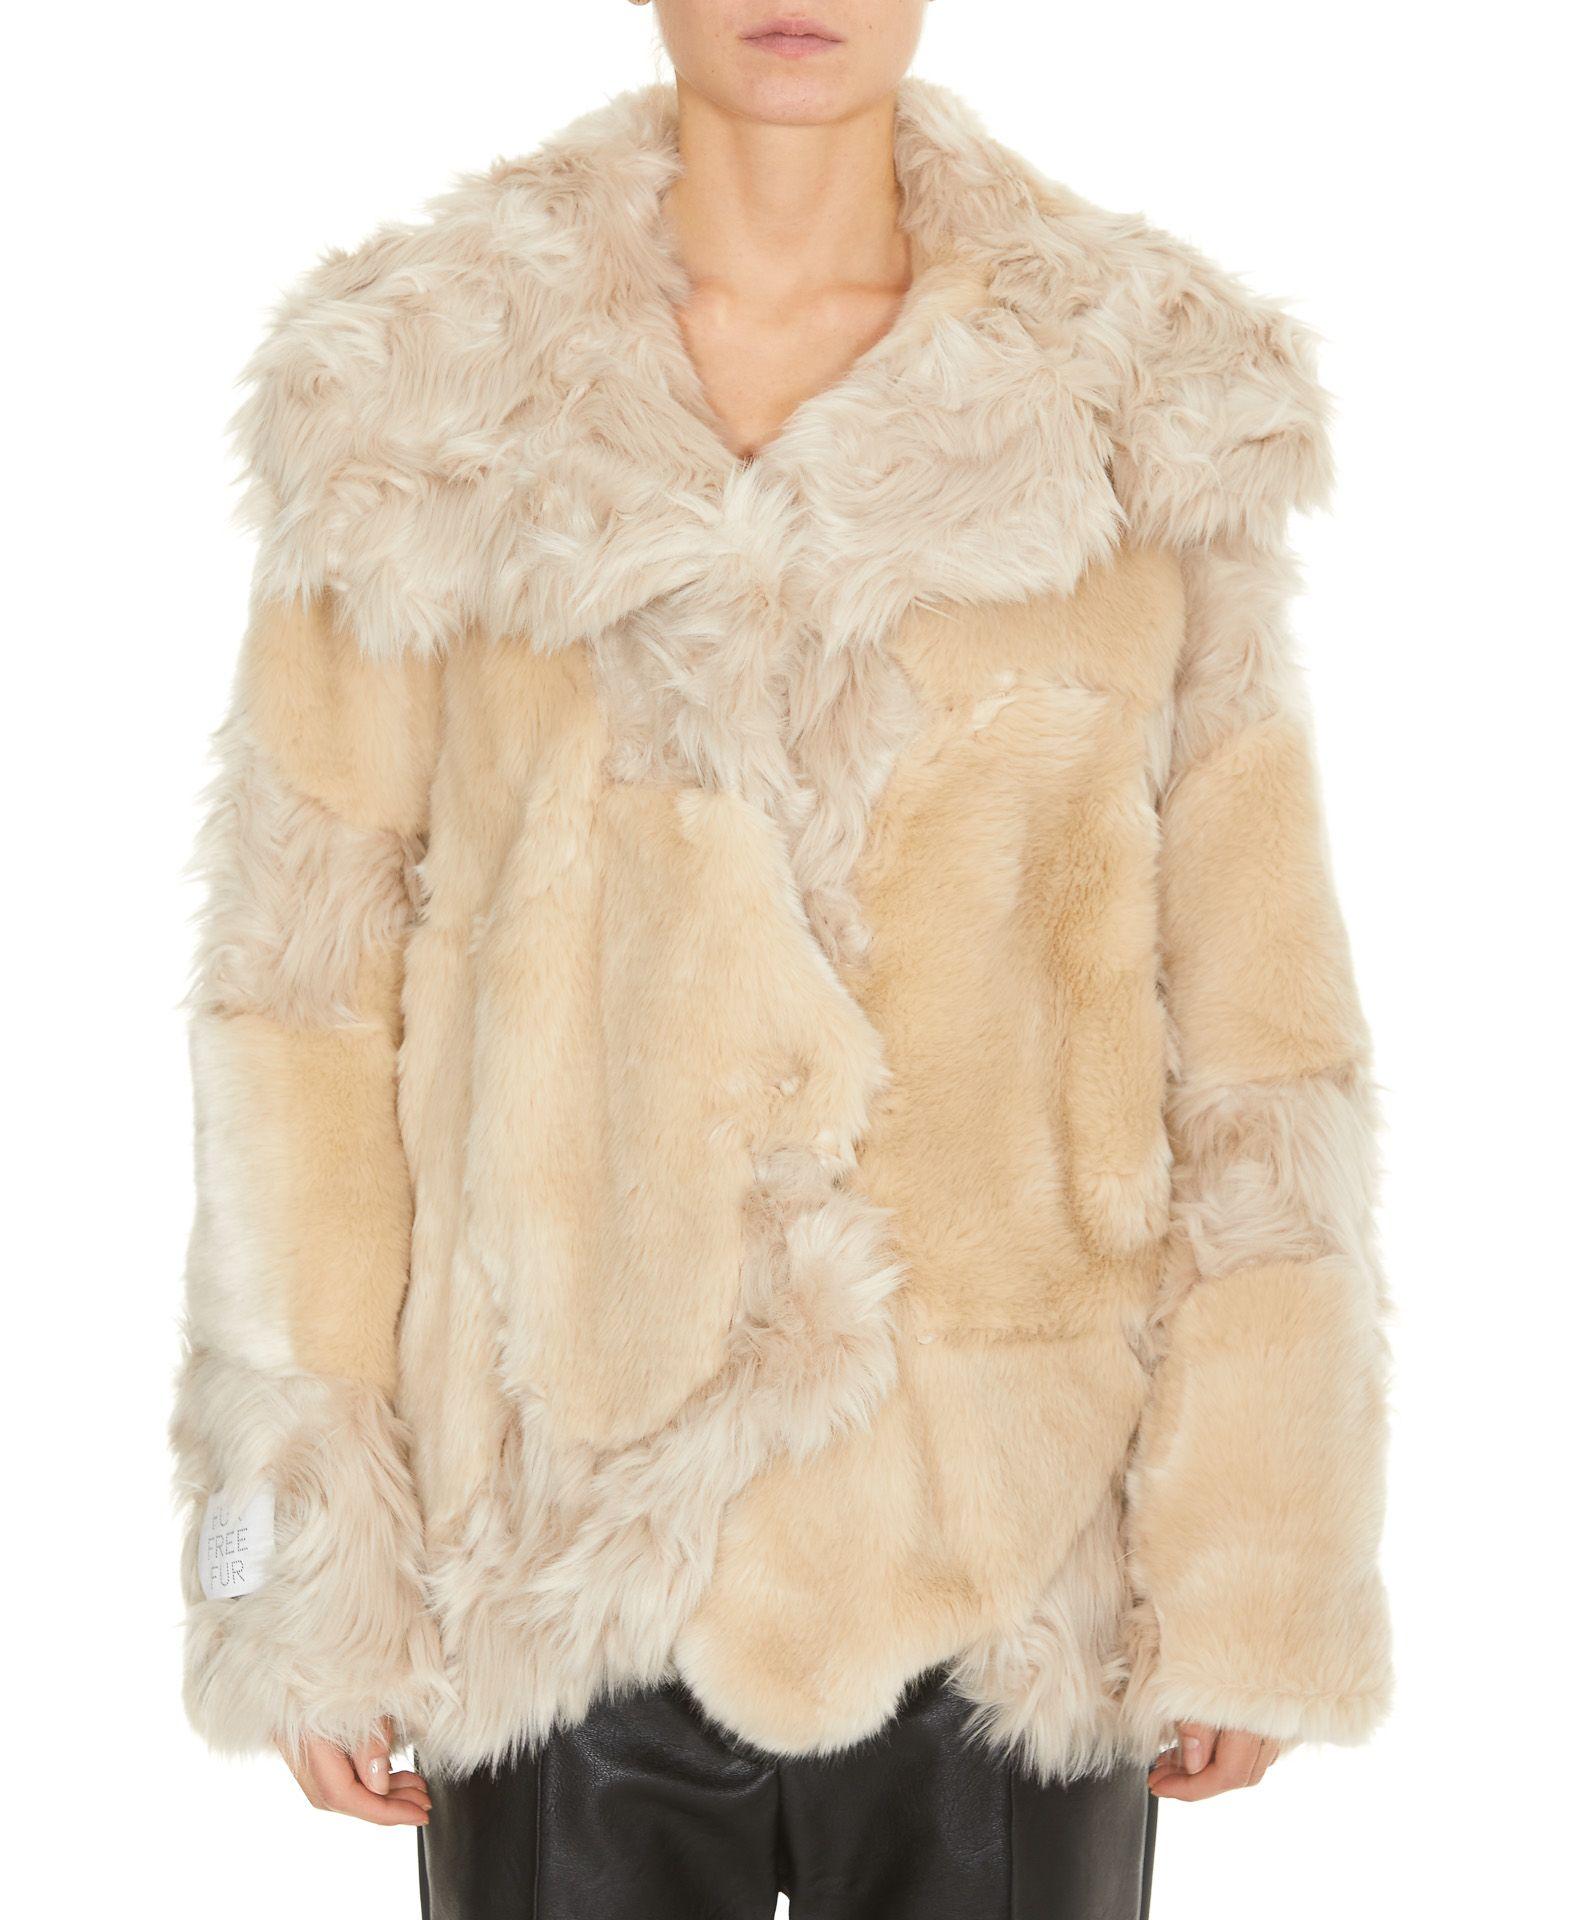 Stella Mccartney Faux Fur Jacket